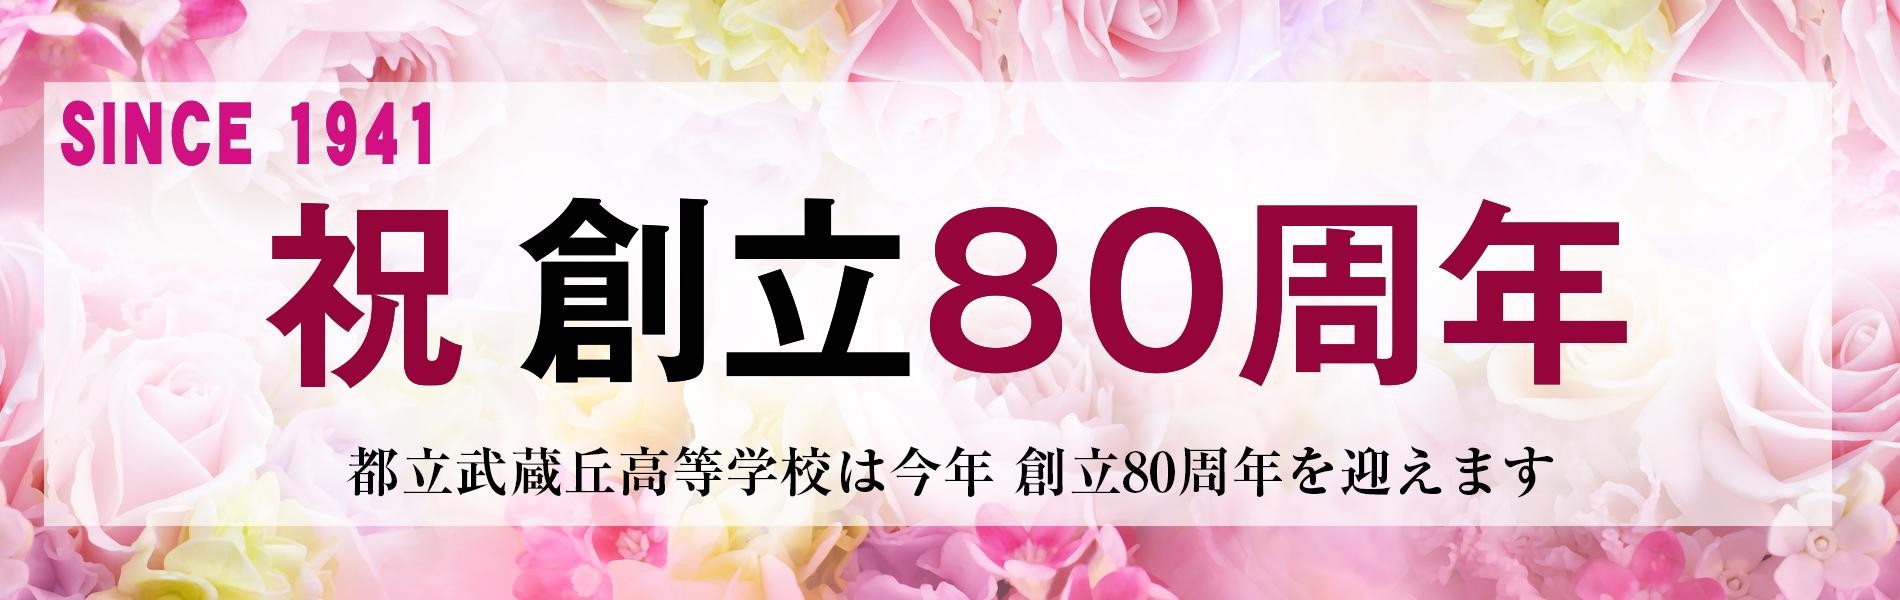 祝 創立80周年